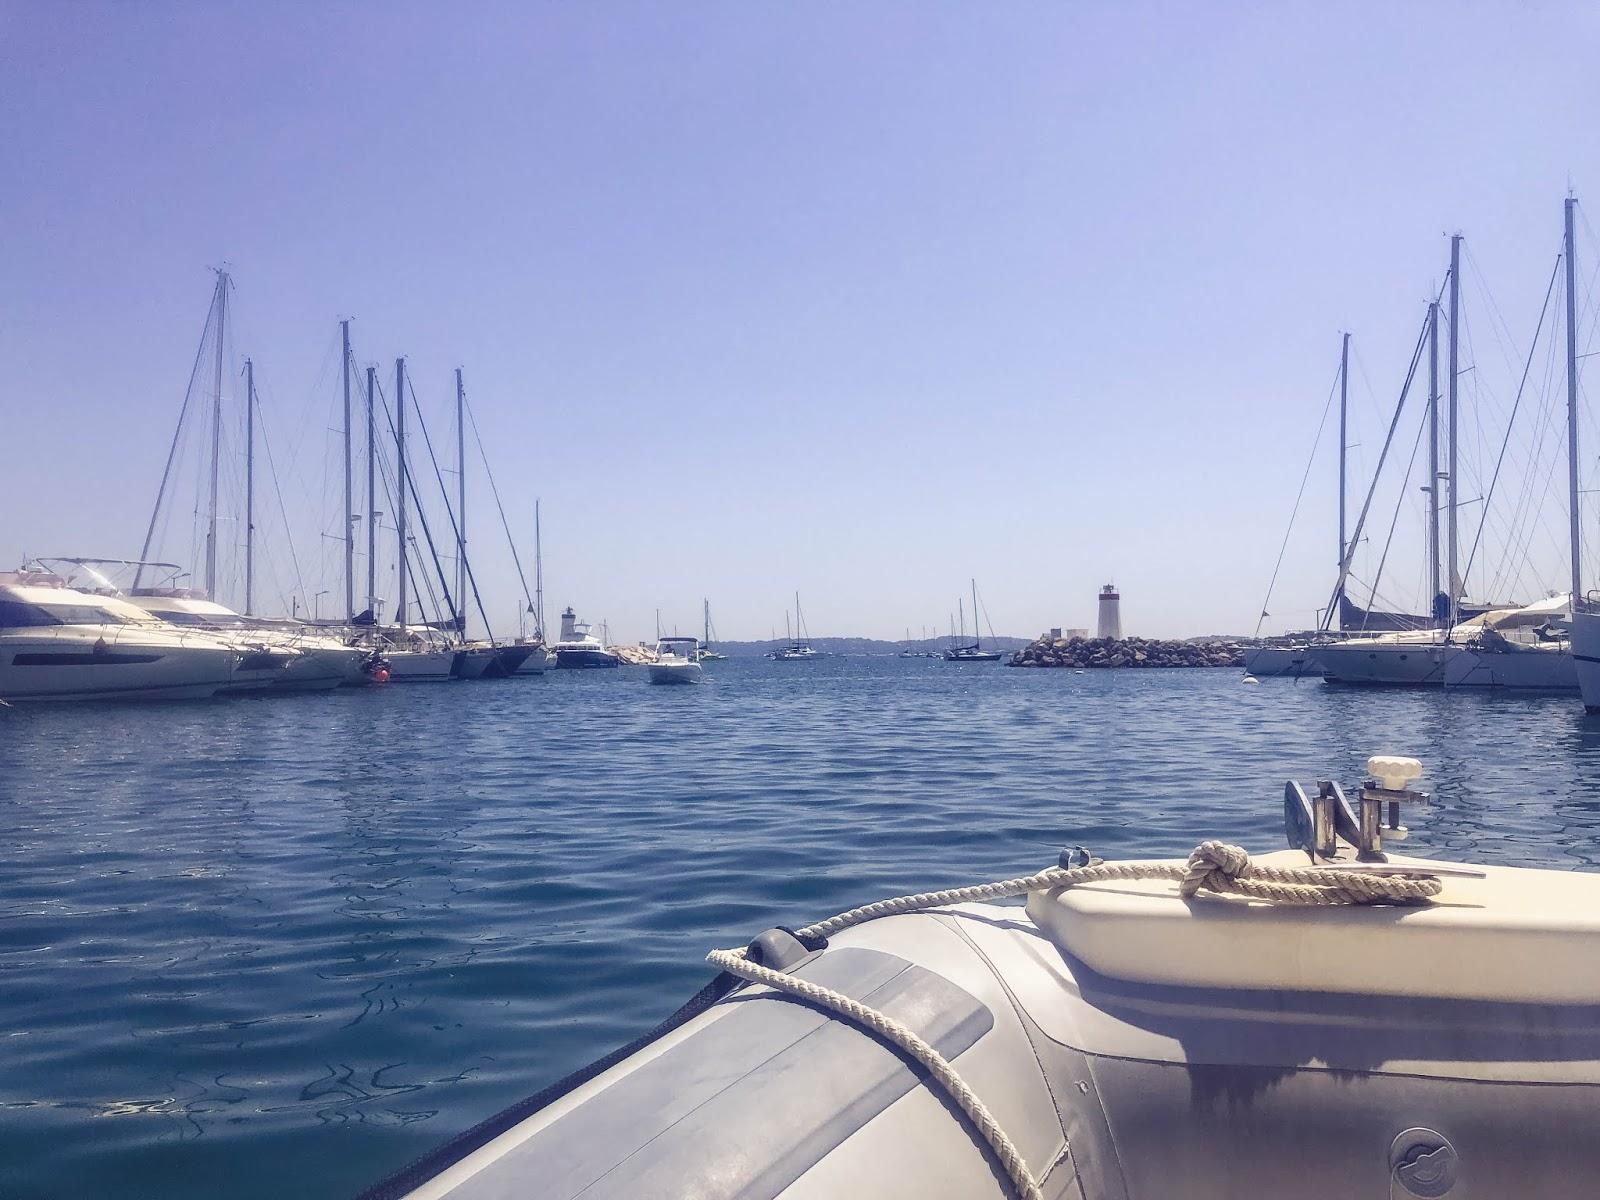 balade en bateau île de Porquerolles blog voyage